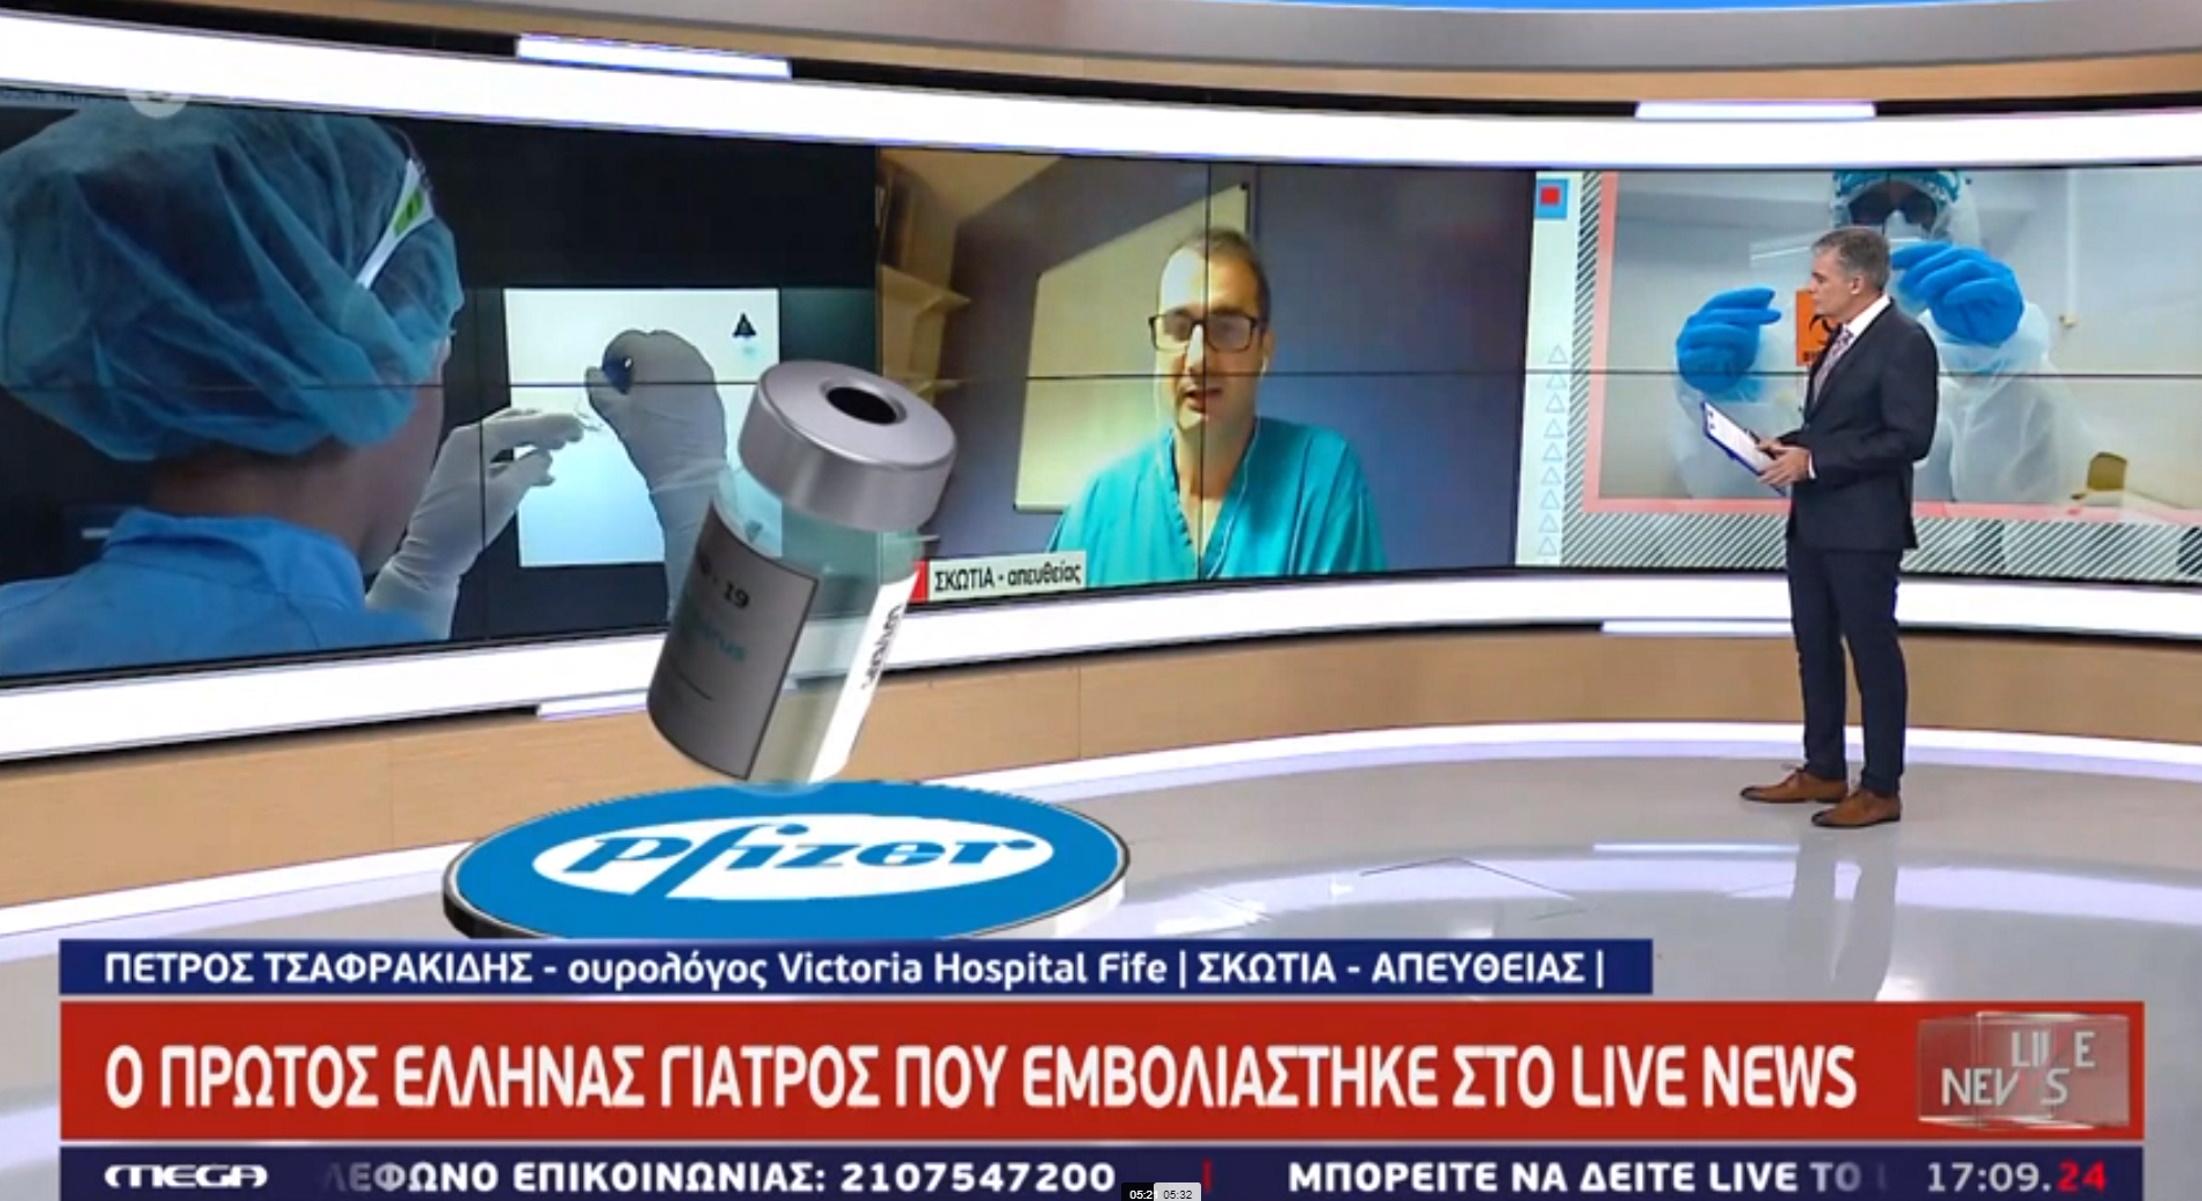 Κορονοϊός: Στο Live News ο πρώτος Έλληνας γιατρός που εμβολιάστηκε στην Σκωτία – «Νιώθω καλά» (video)